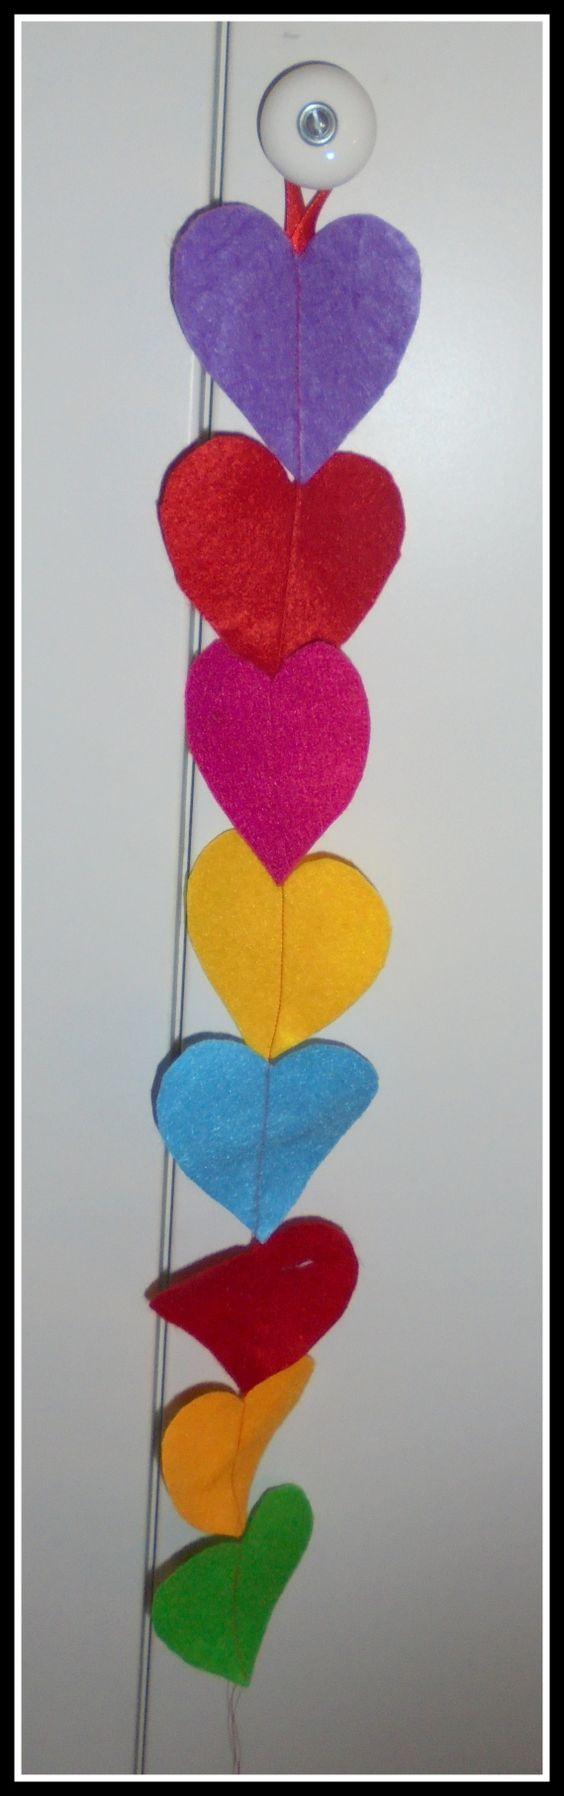 Diferentes colores de móbiles de corazones con usos diversos, para colgar en el pomo de las puertas o de las ventanas. Divertidos, originales y en di